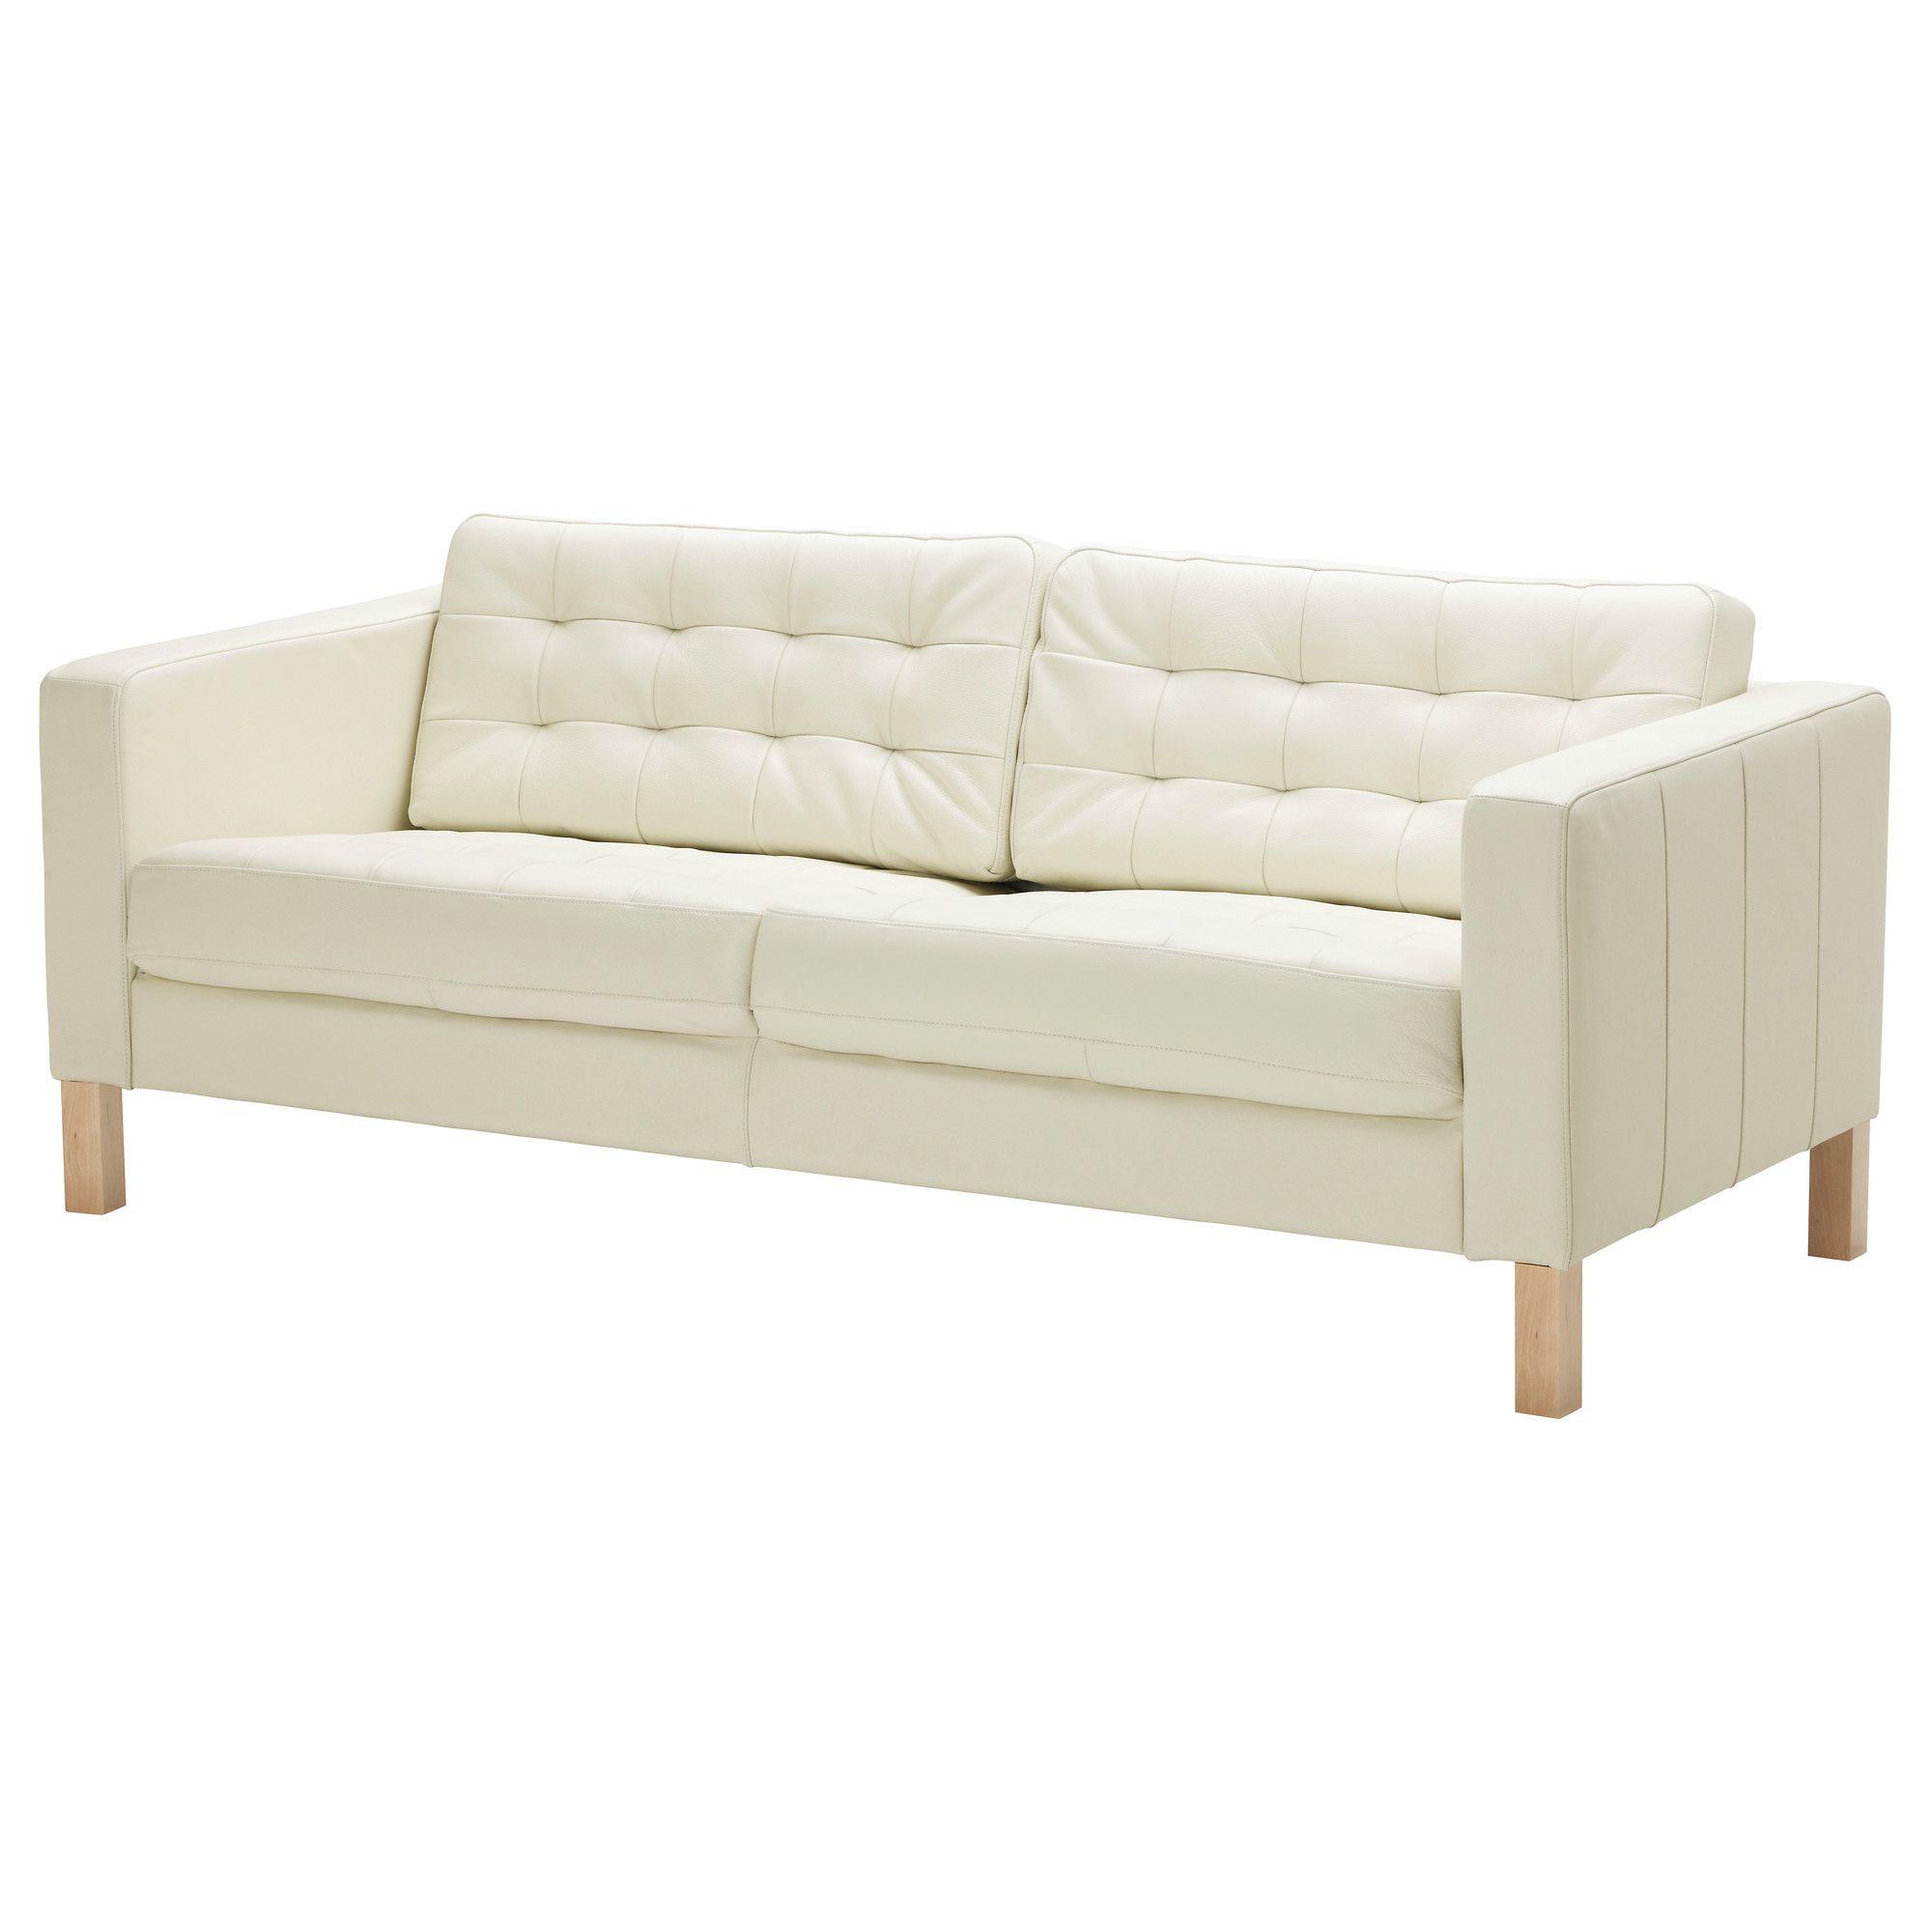 KARLSFORS Canapé Places CapitonnéGrann Blanc IKEA - Canapé 3 places pour vente decoration